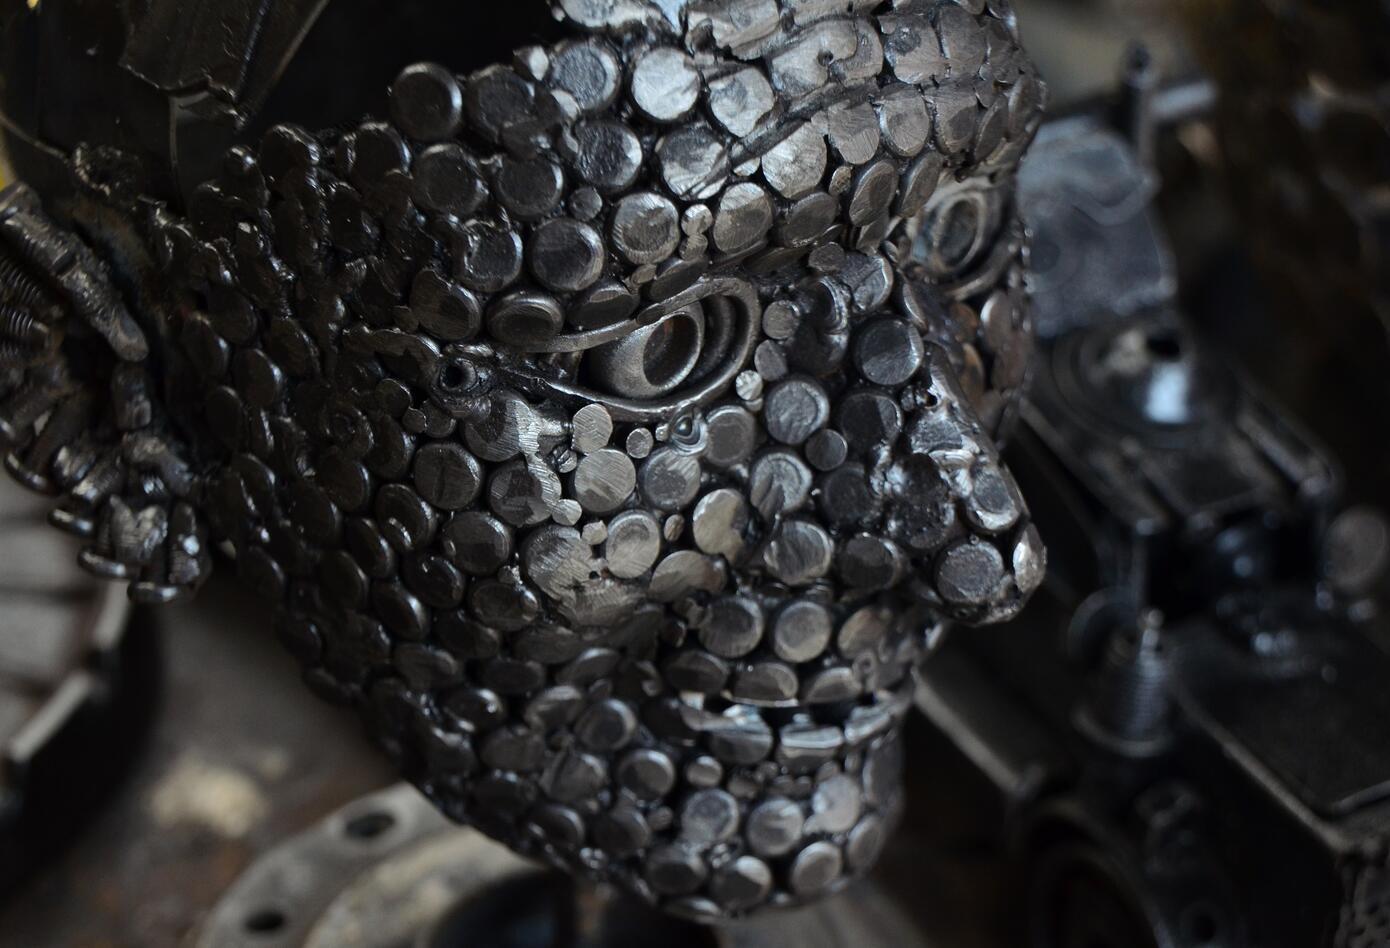 Forja de metales artesanos